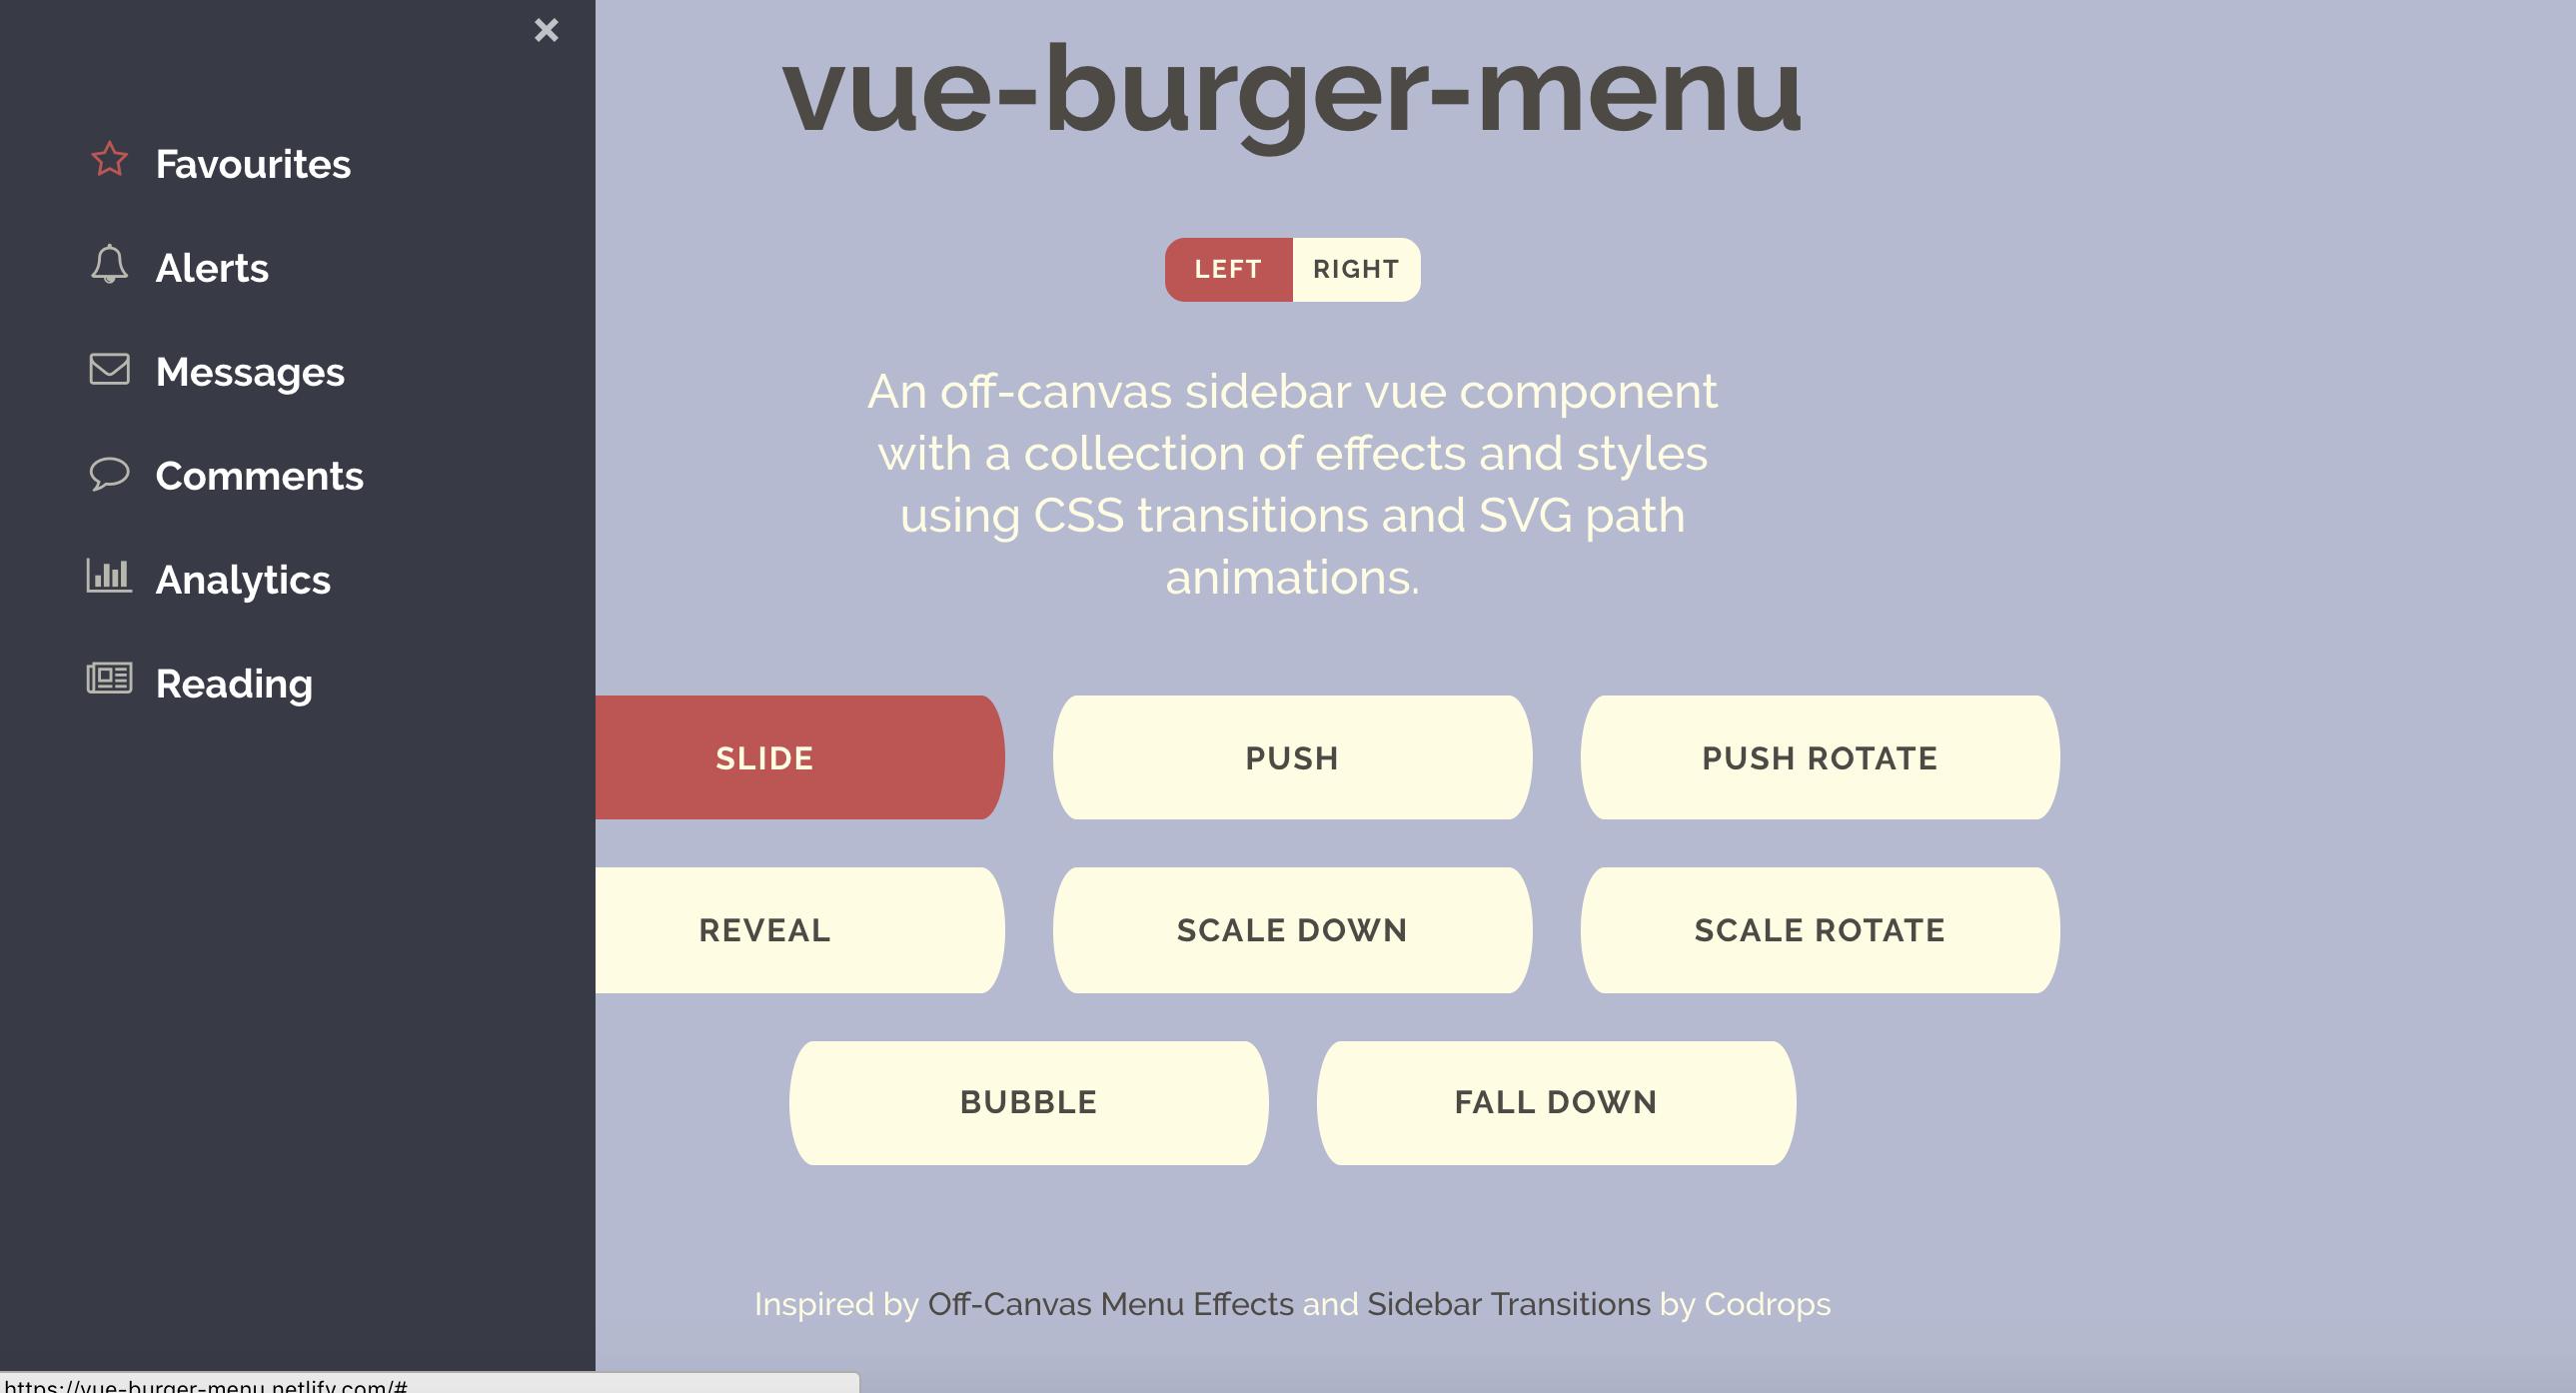 Vue js/Nuxt jsで使える!便利なUIパッケージ紹介 - Qiita